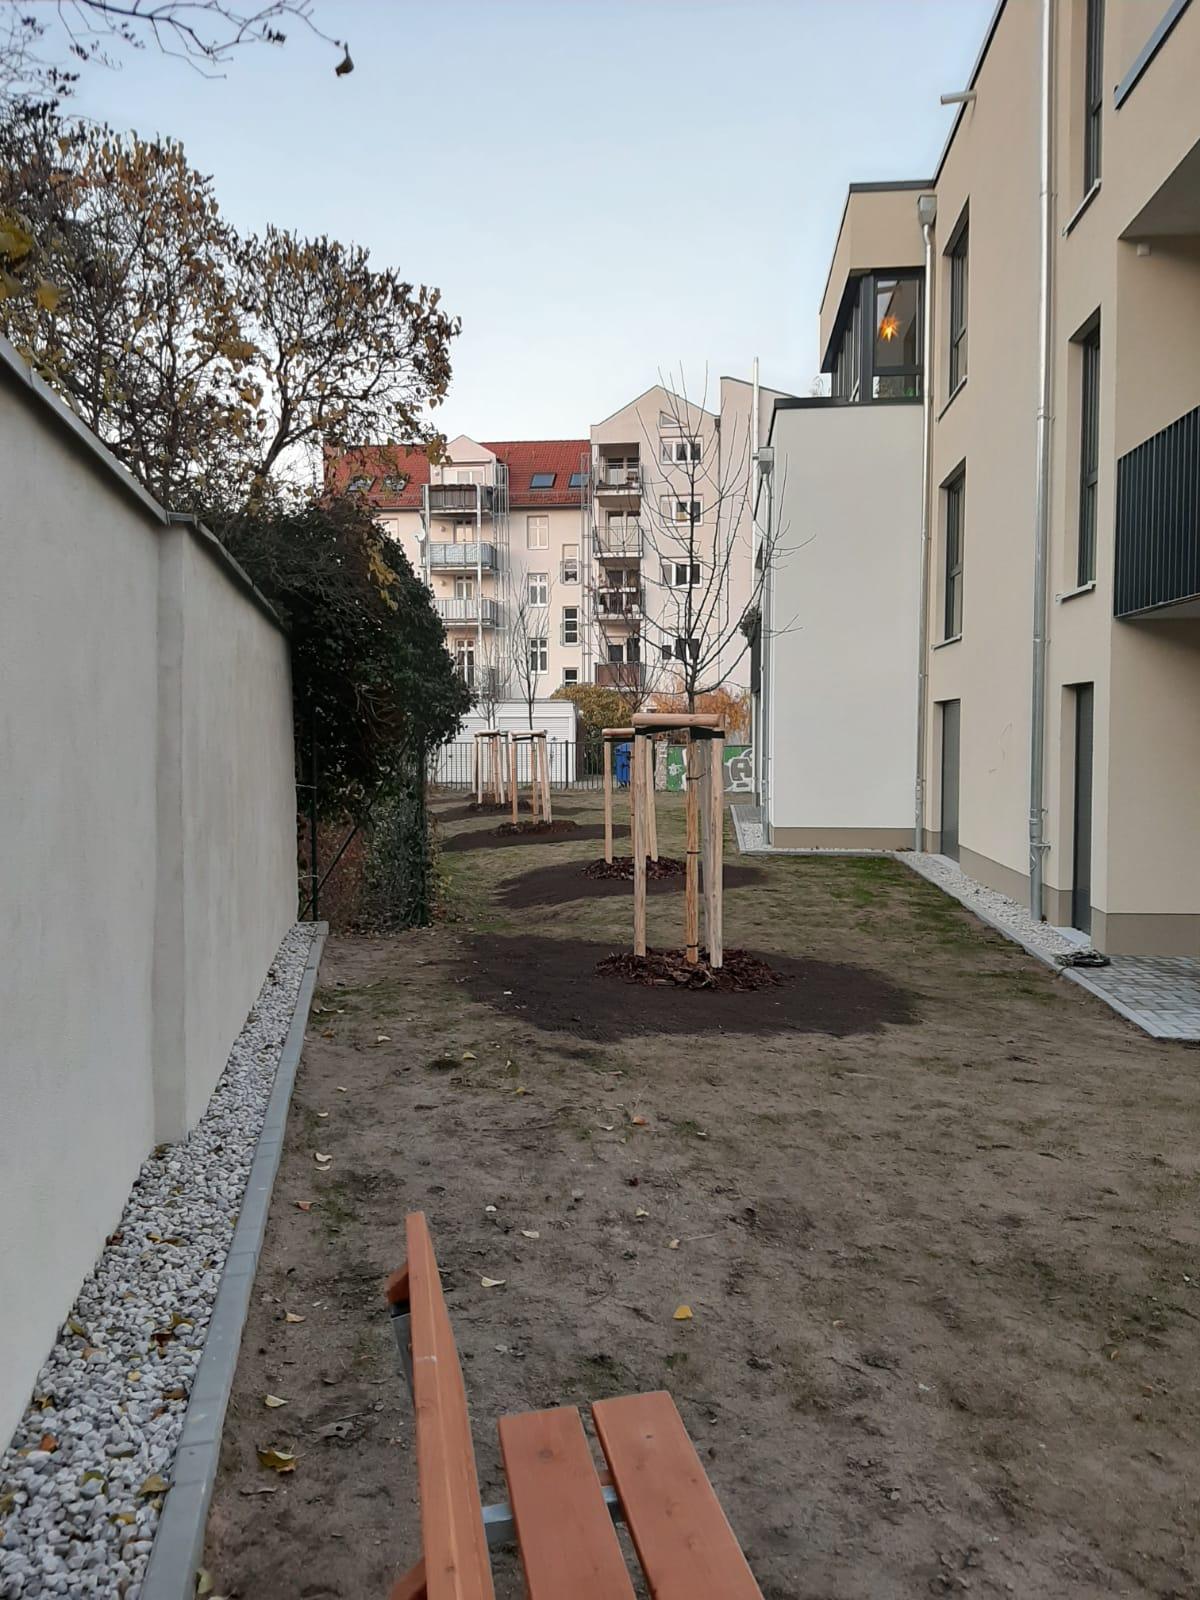 Baumpflanzung im Cottbuser Stadtgebiet